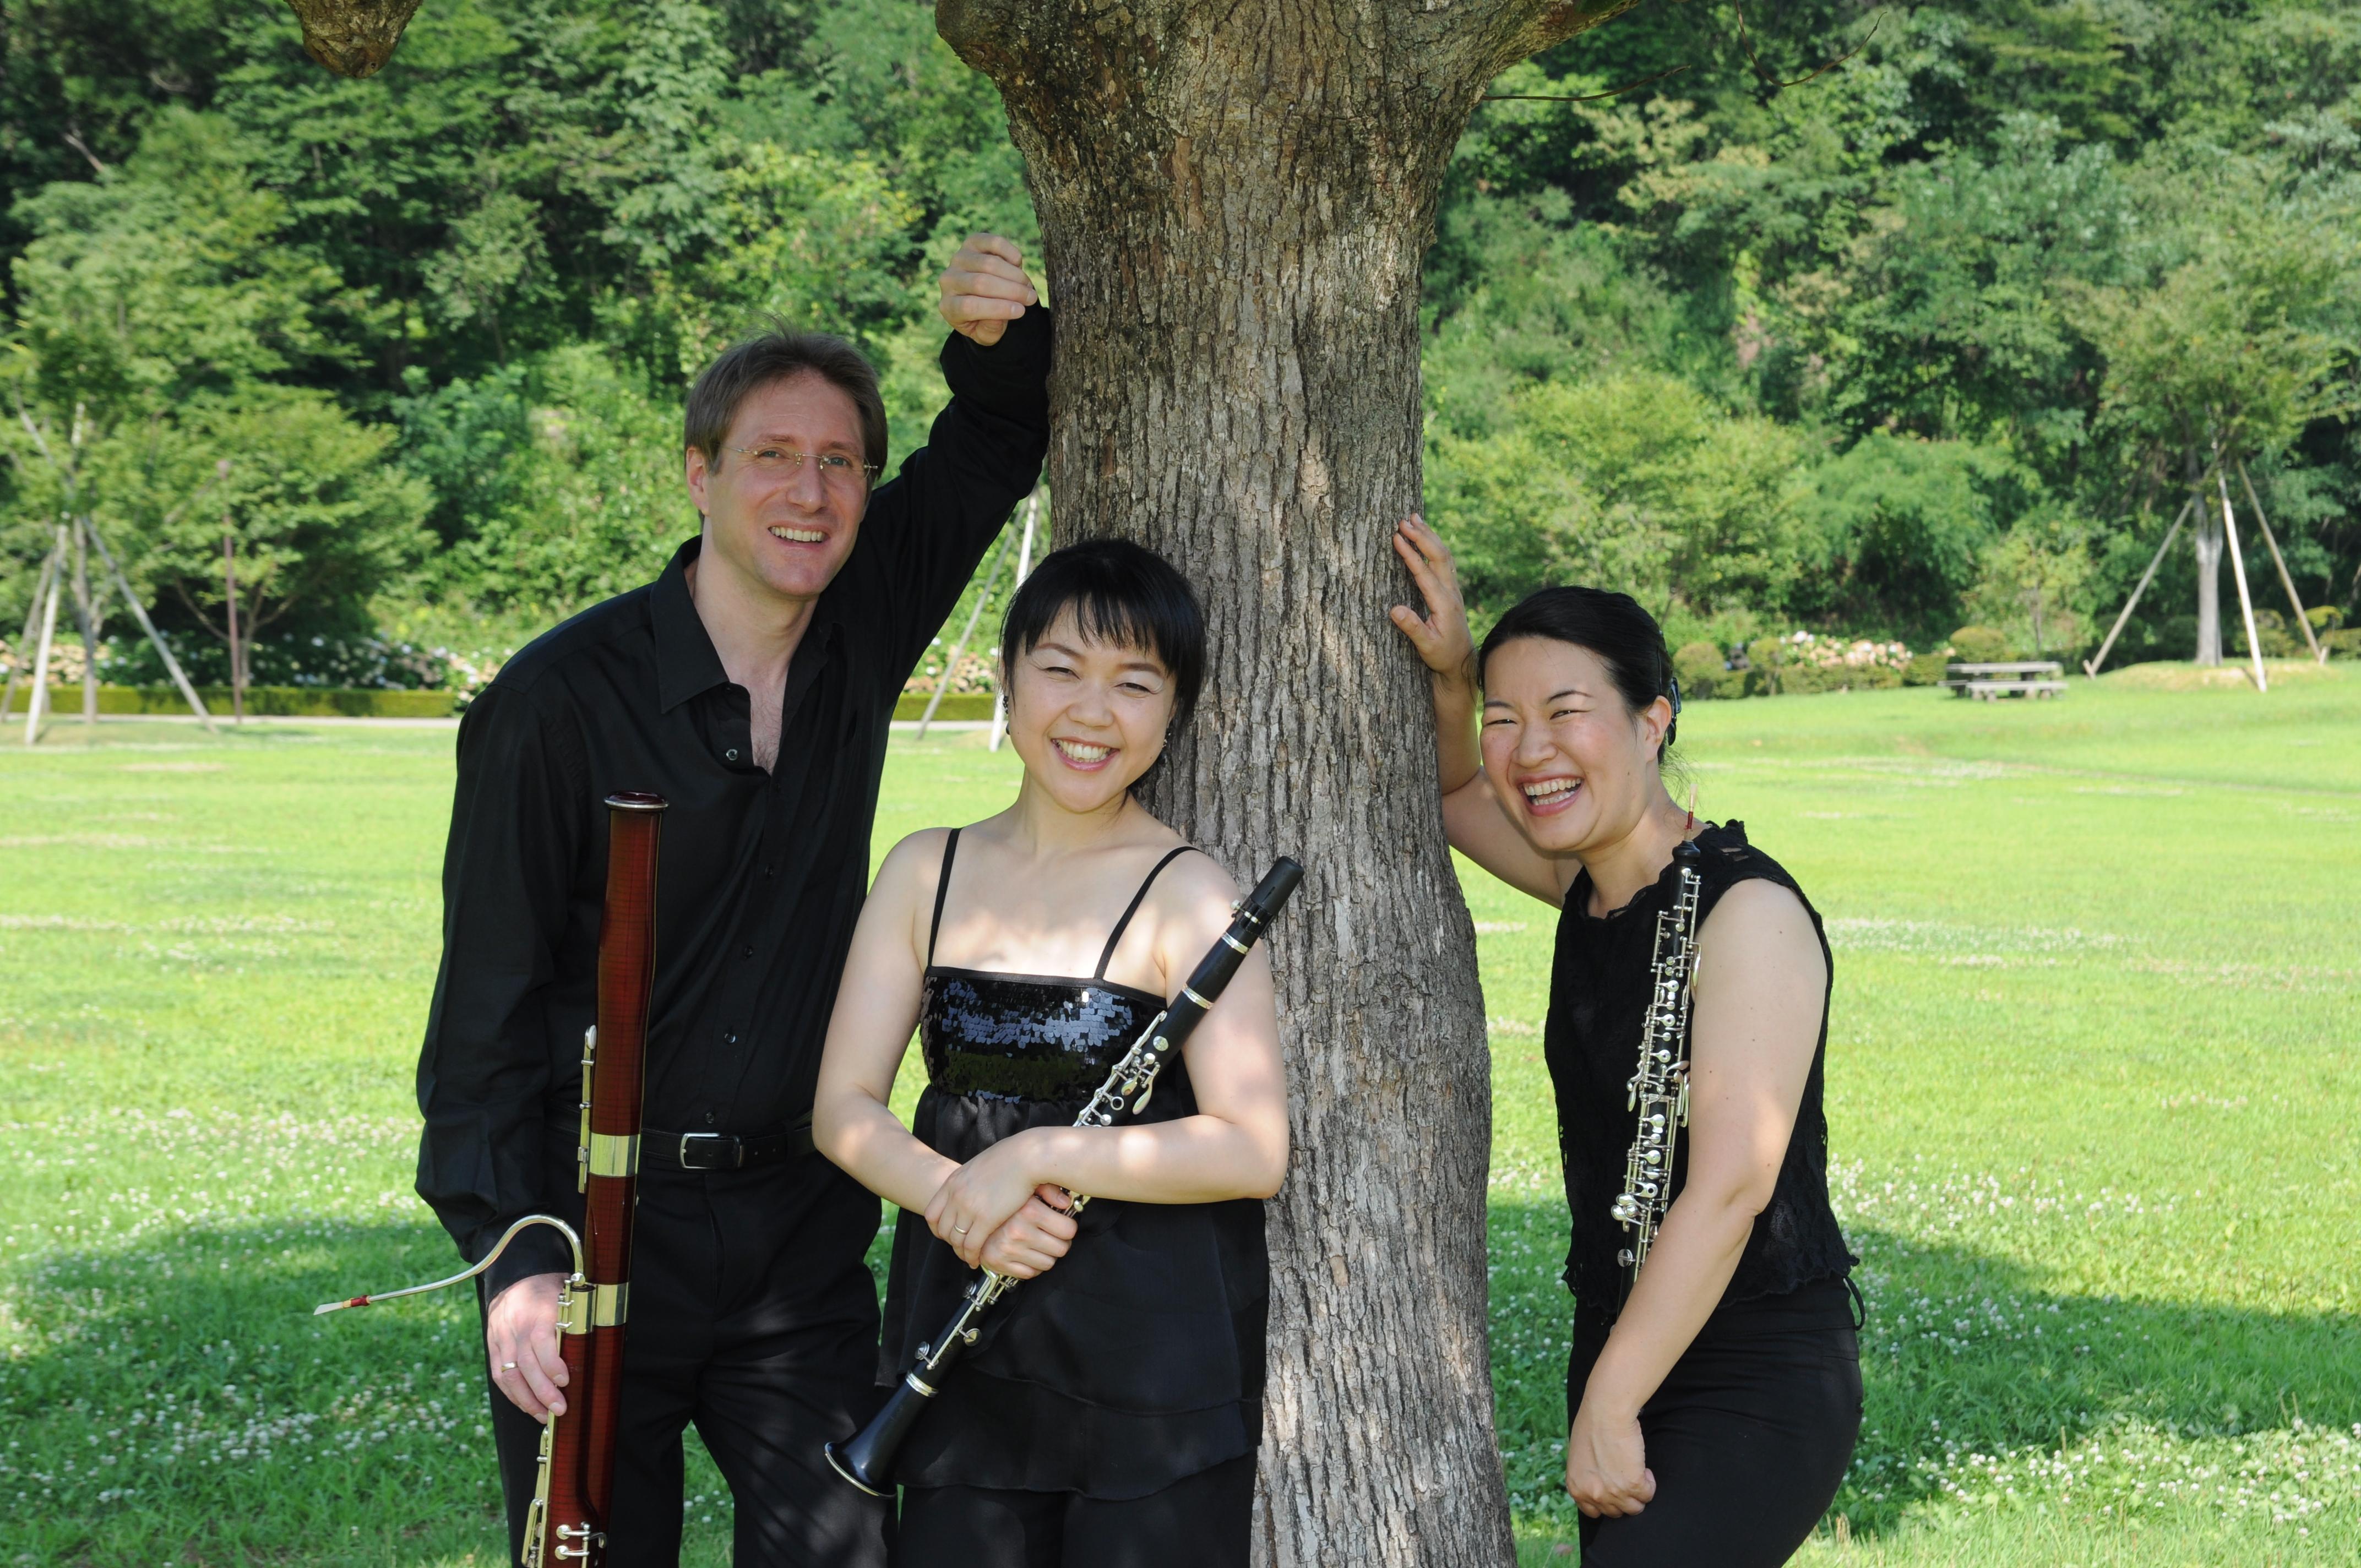 An einem Baum gelehnt stehen zwei Frauen und ein Mann und haben Blasinstrumente in der Hand.